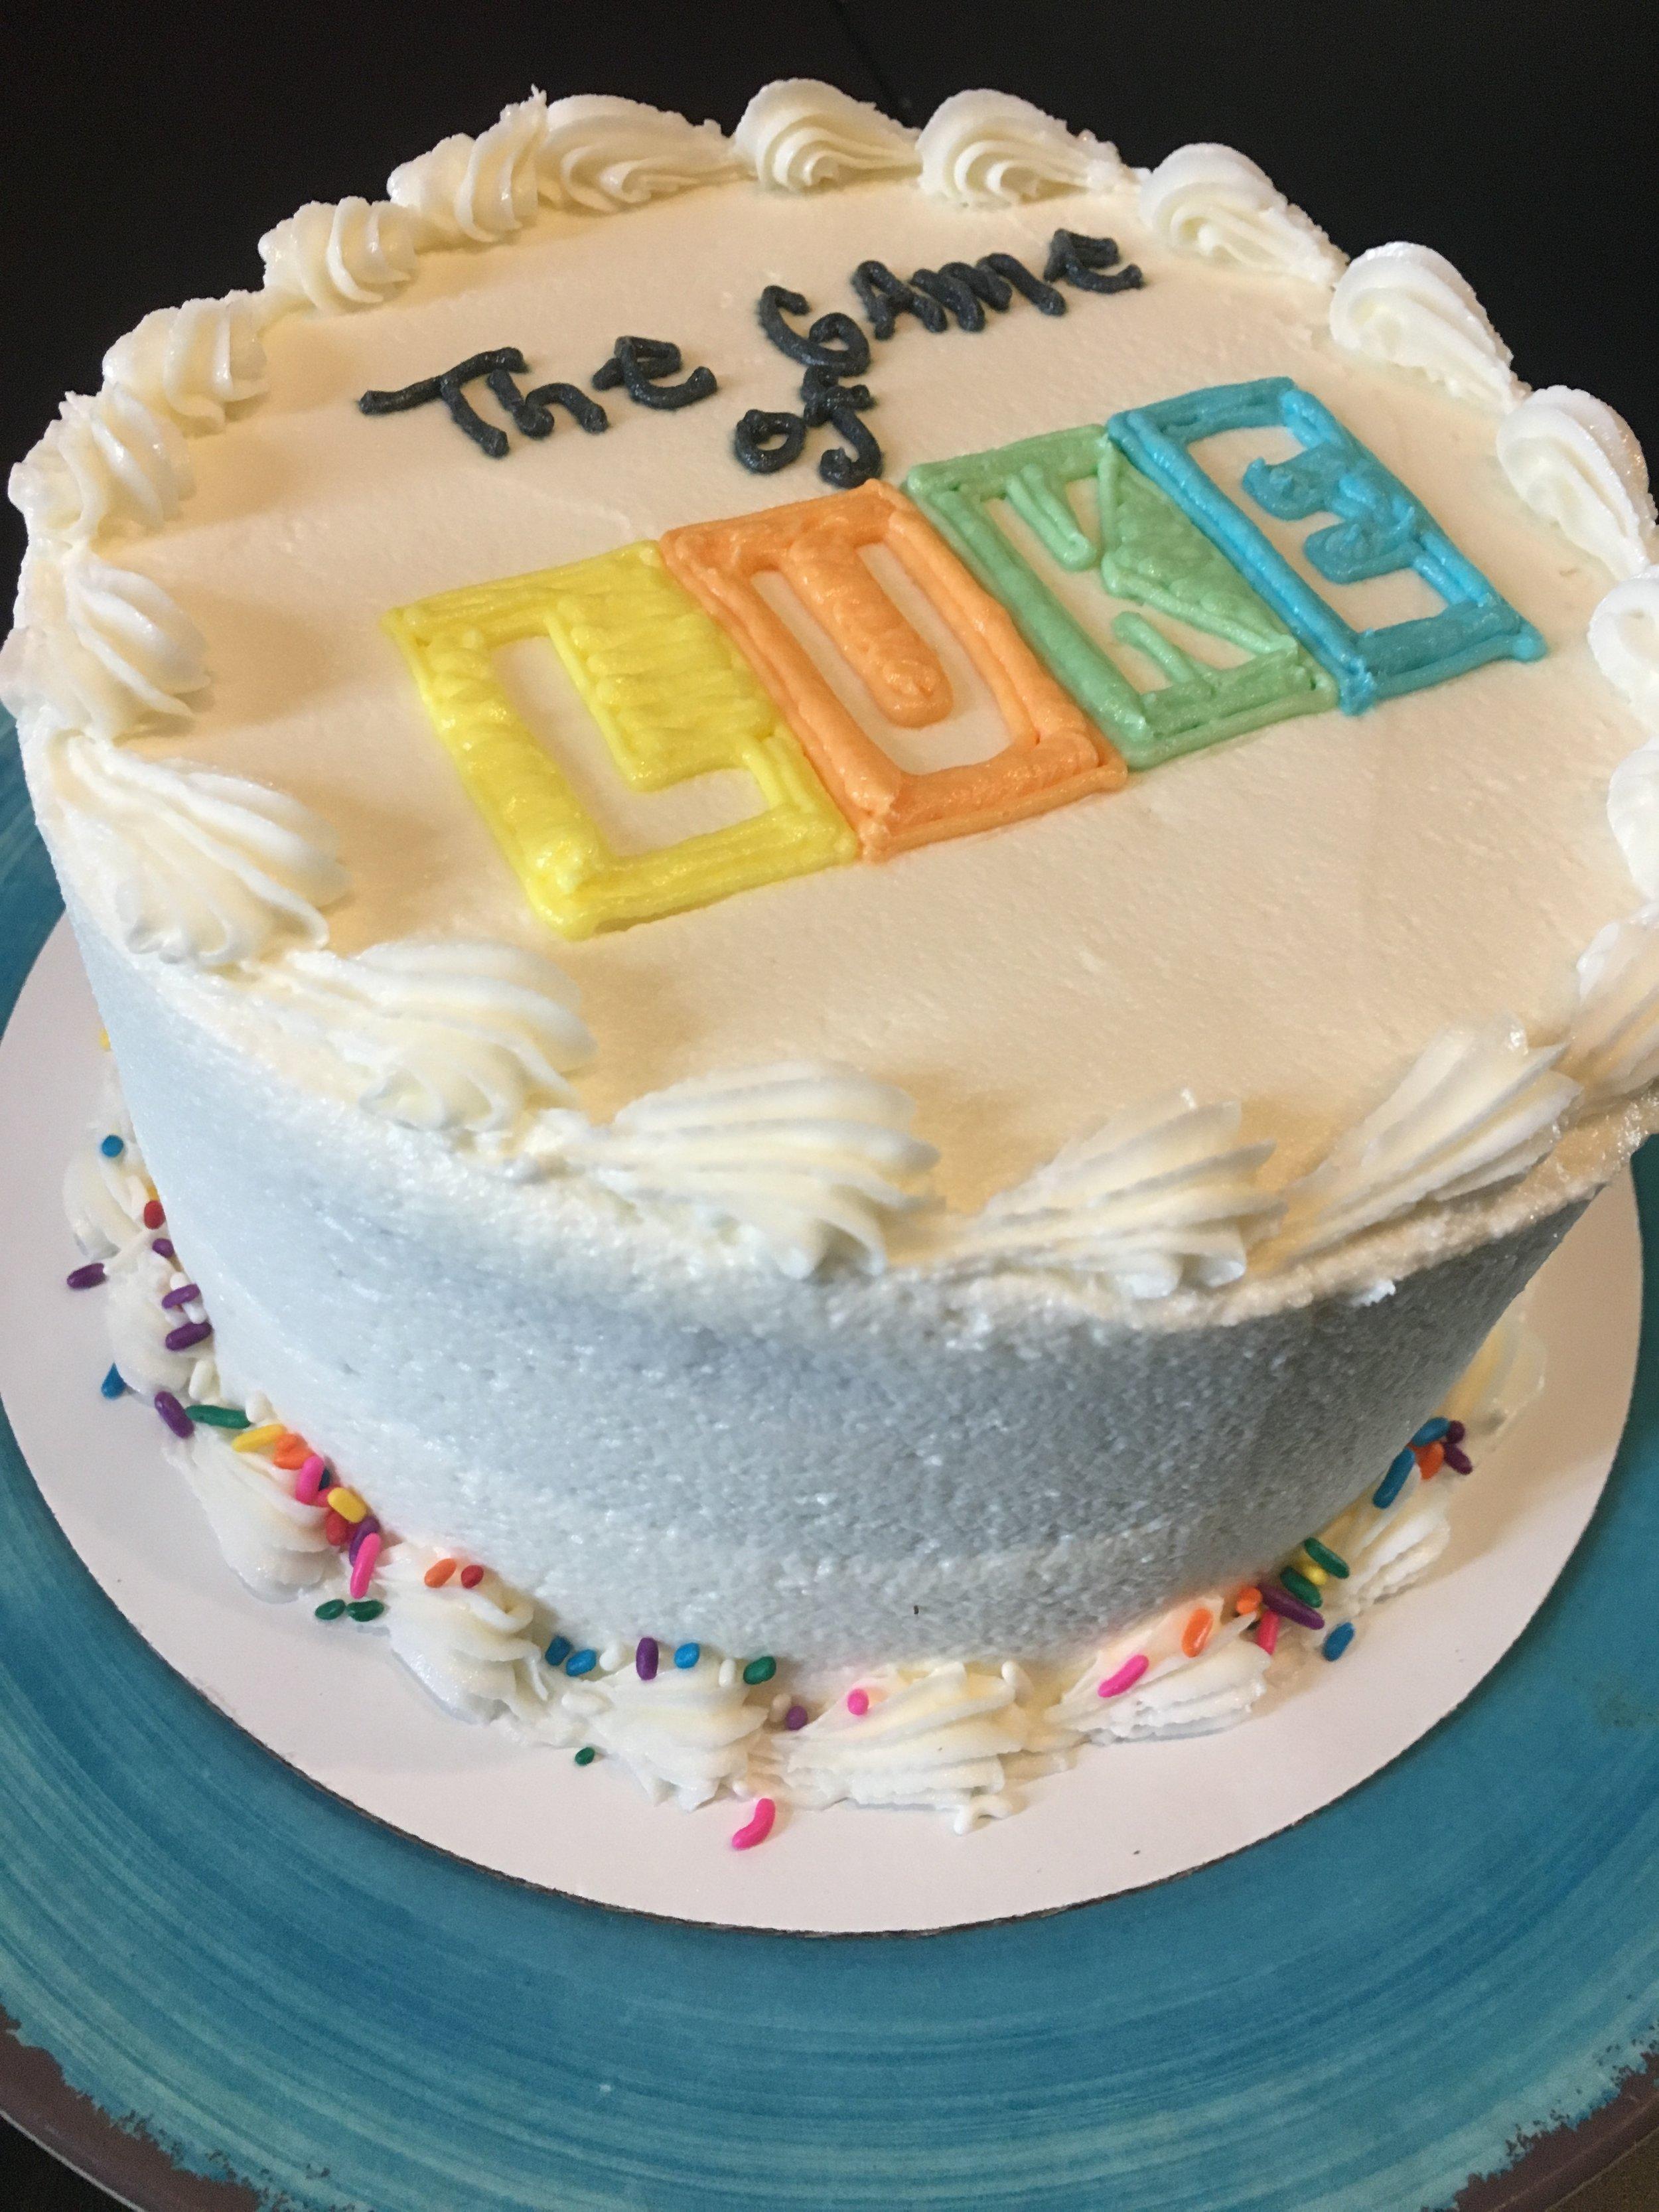 Cake - Life - Luke.JPG